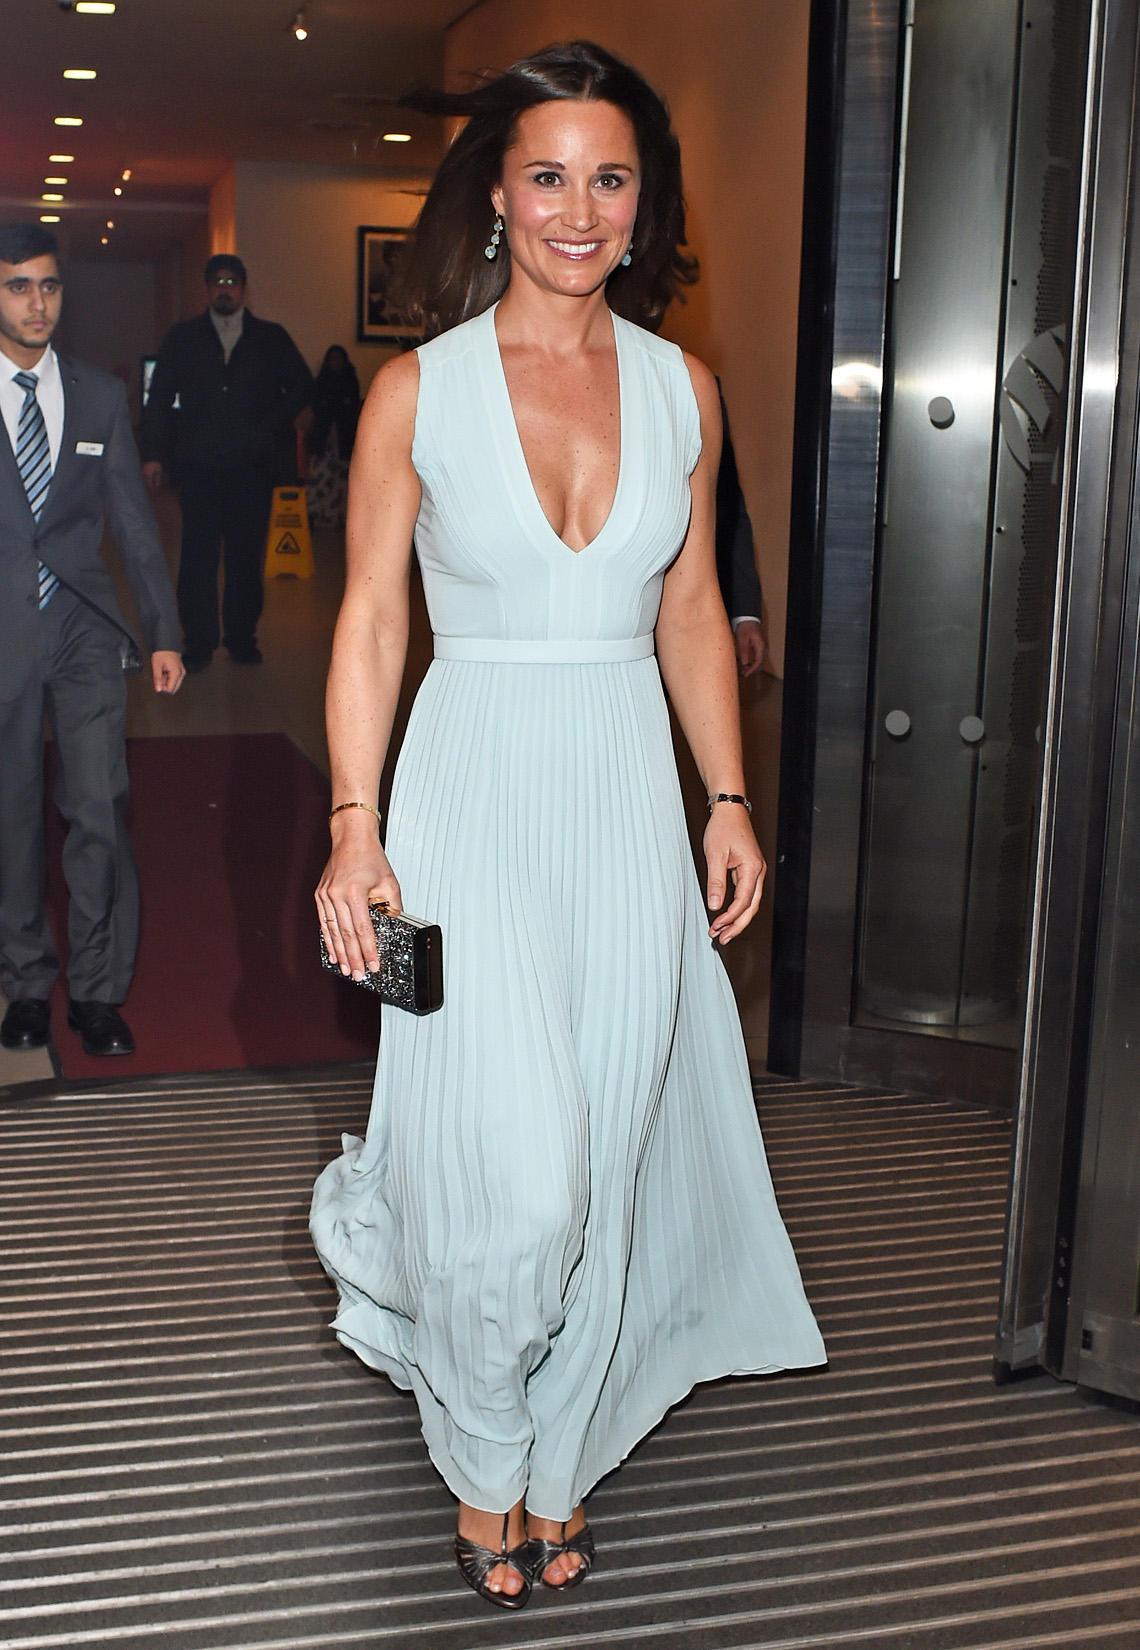 Elegant und mit tiefem Ausschnitt auch ziemlich sexy schwebt Pippa Middleton zum ParaSnowBall 2015 in London.